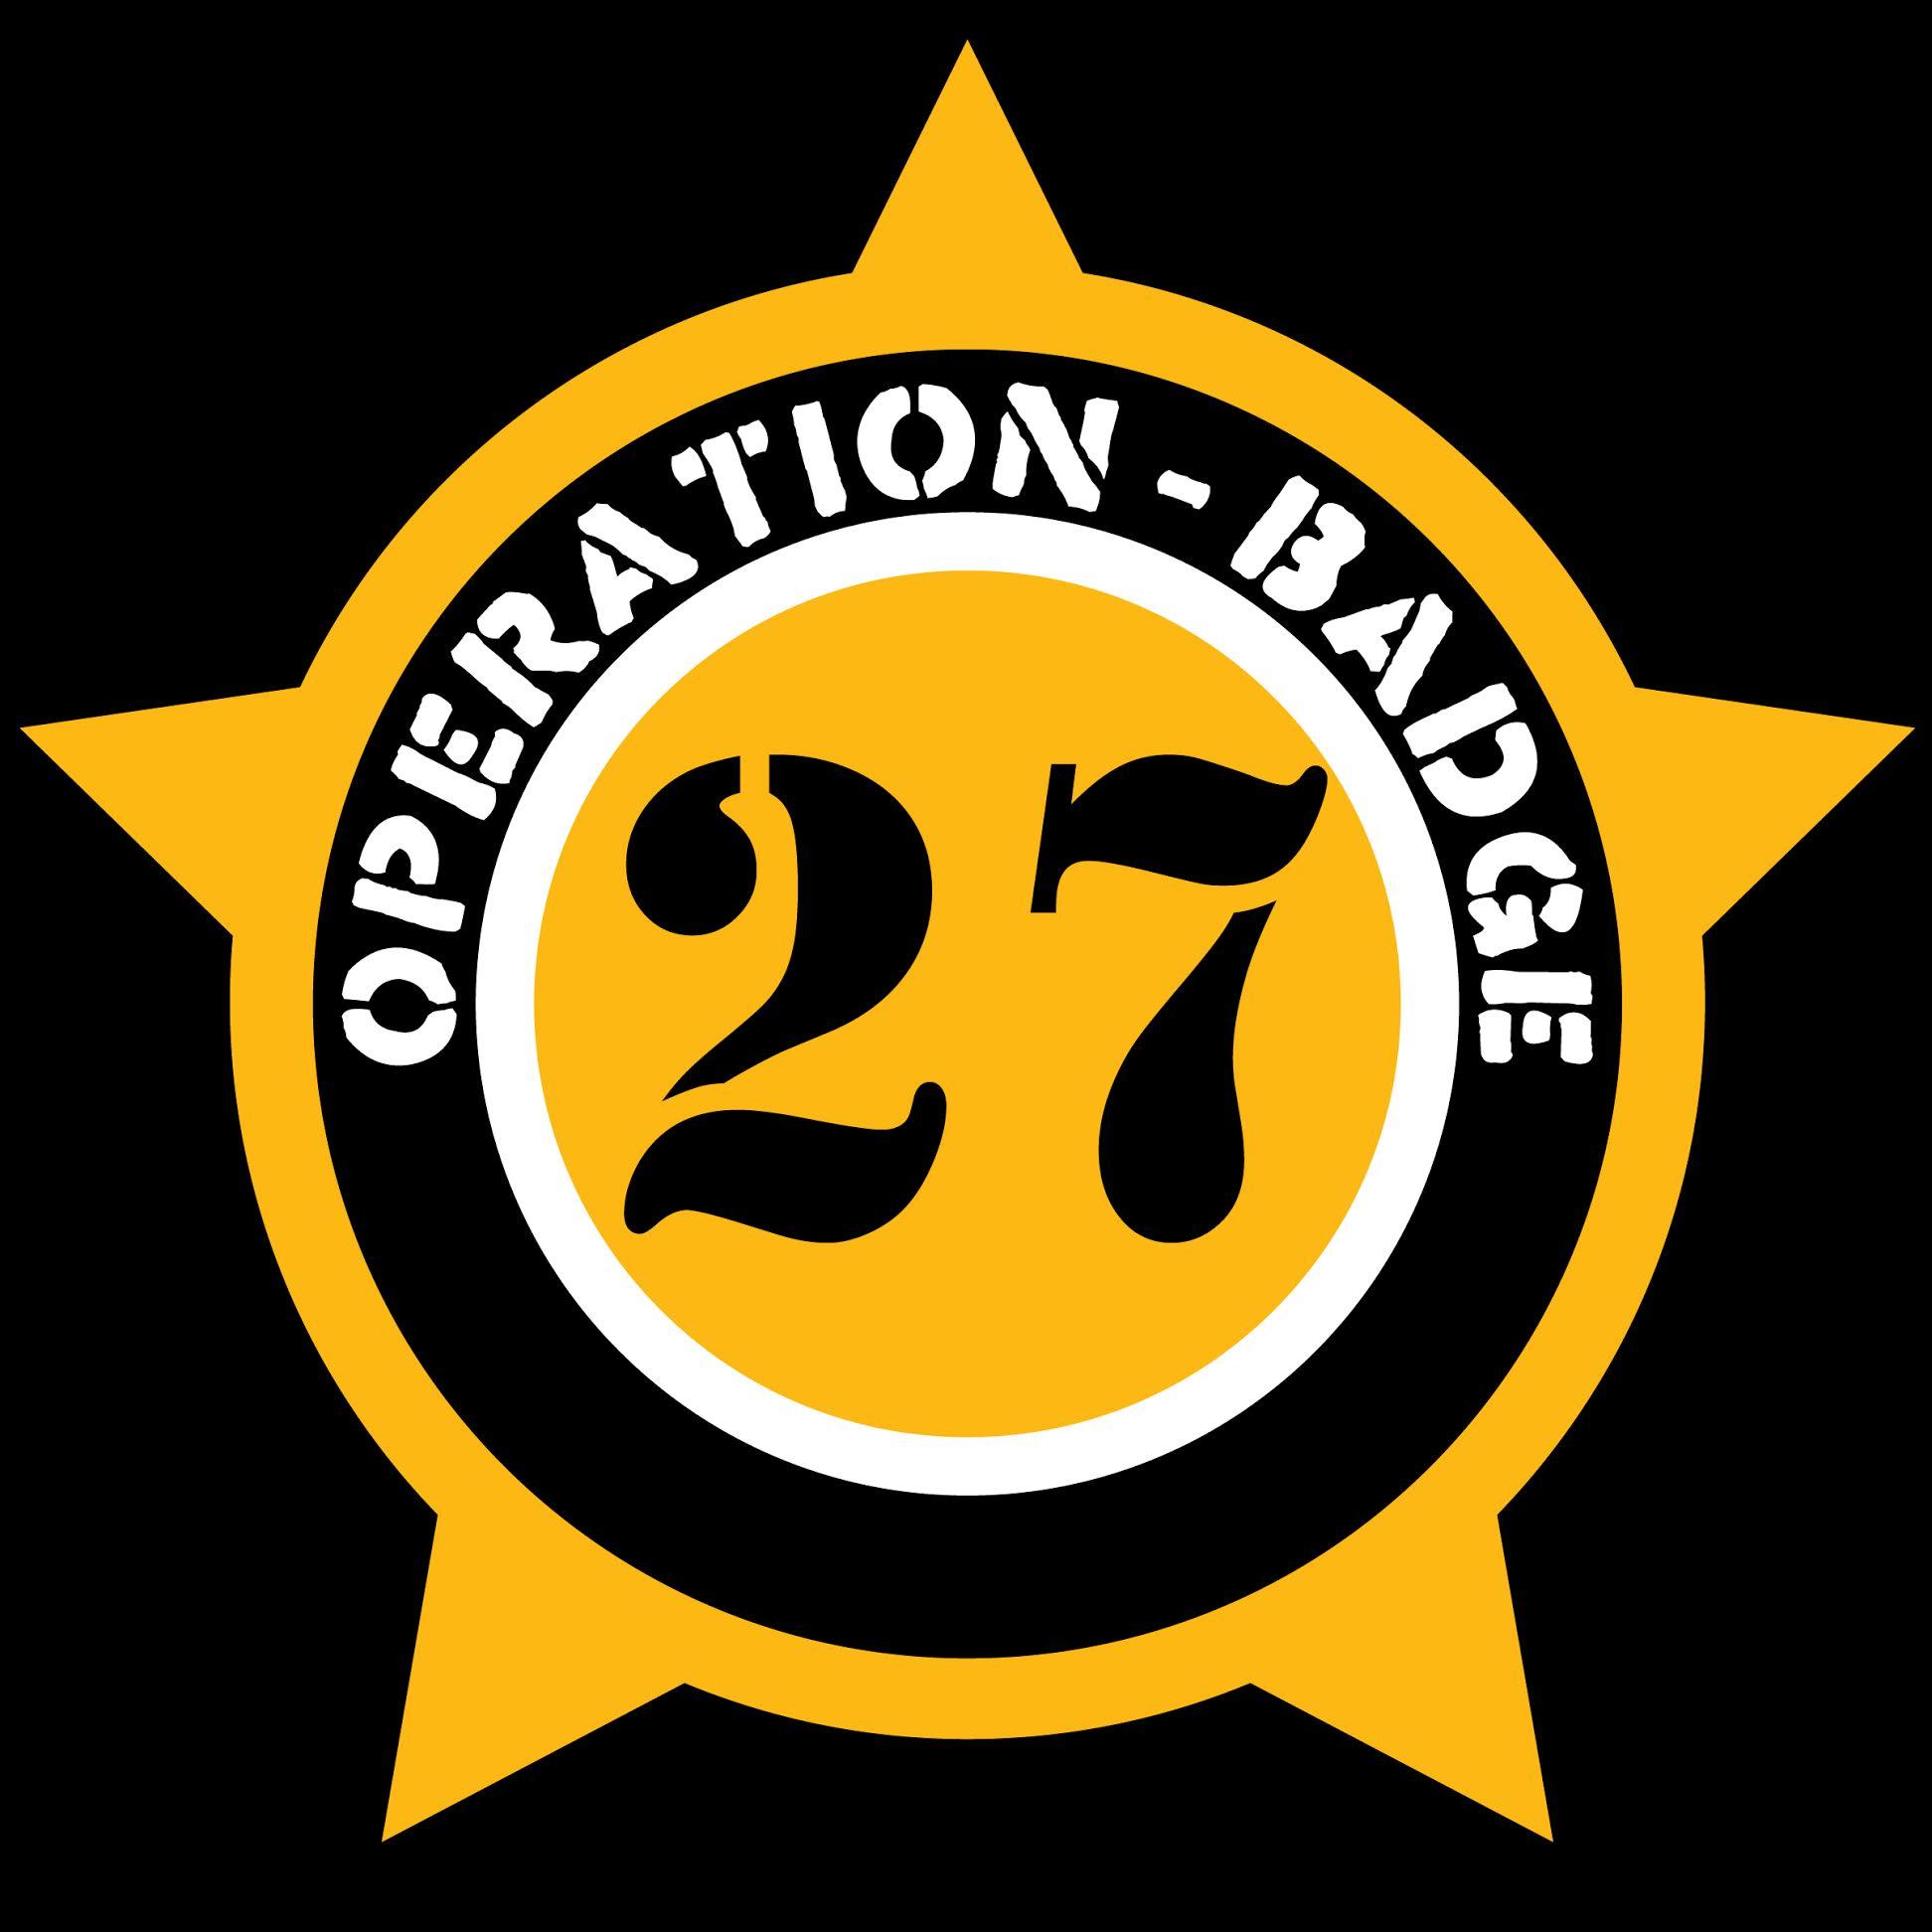 badge27